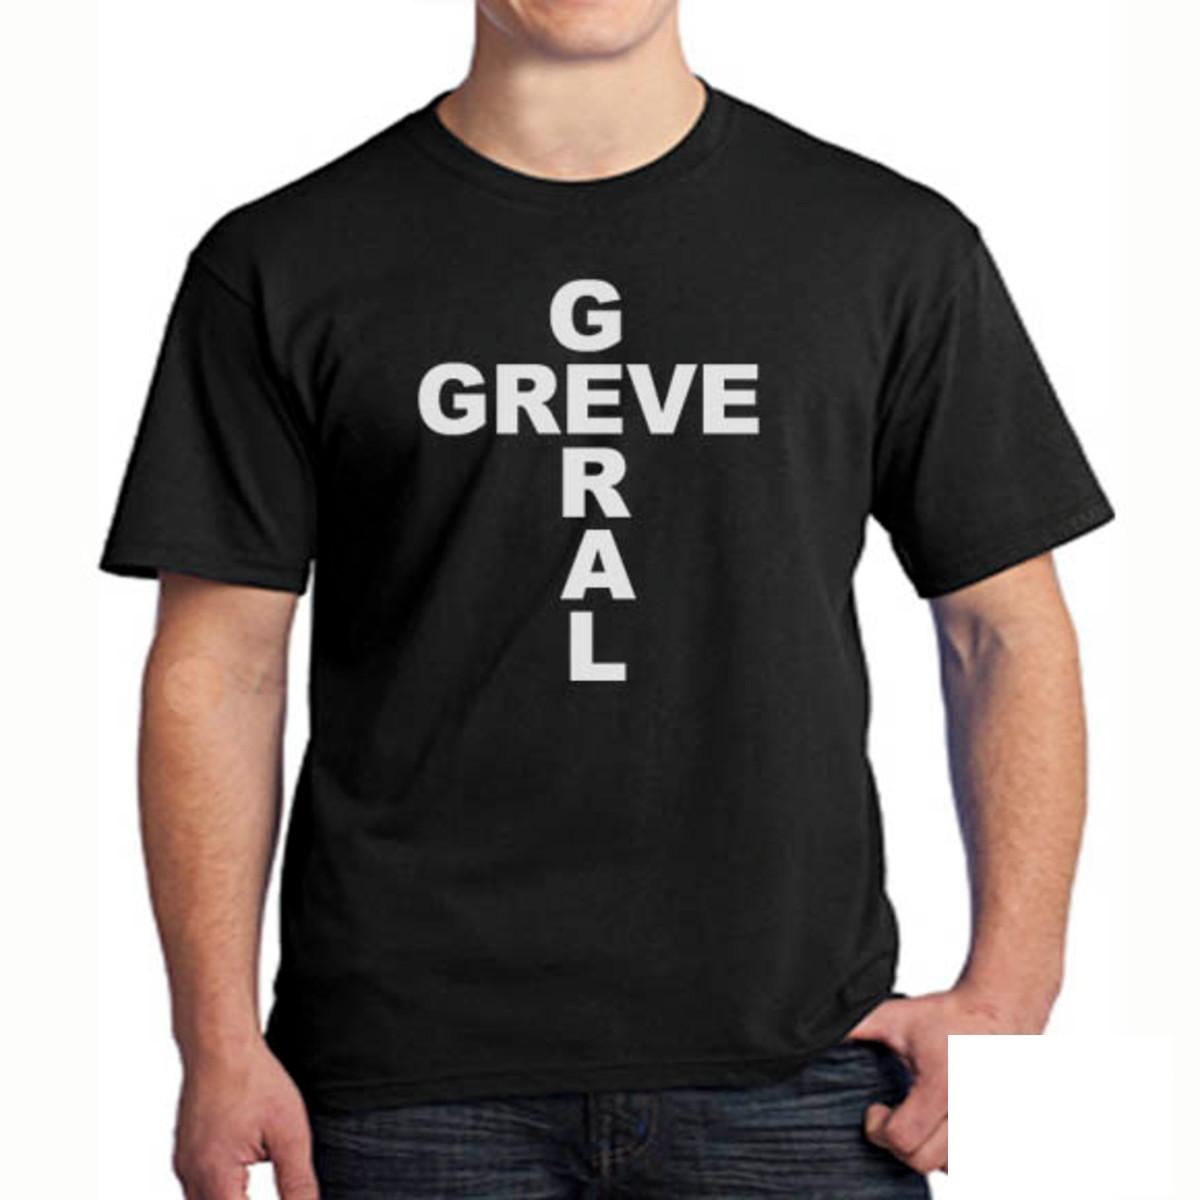 1faa1061c Camiseta Personalizada greve geral cruz - Mega Promoção! no Elo7 ...